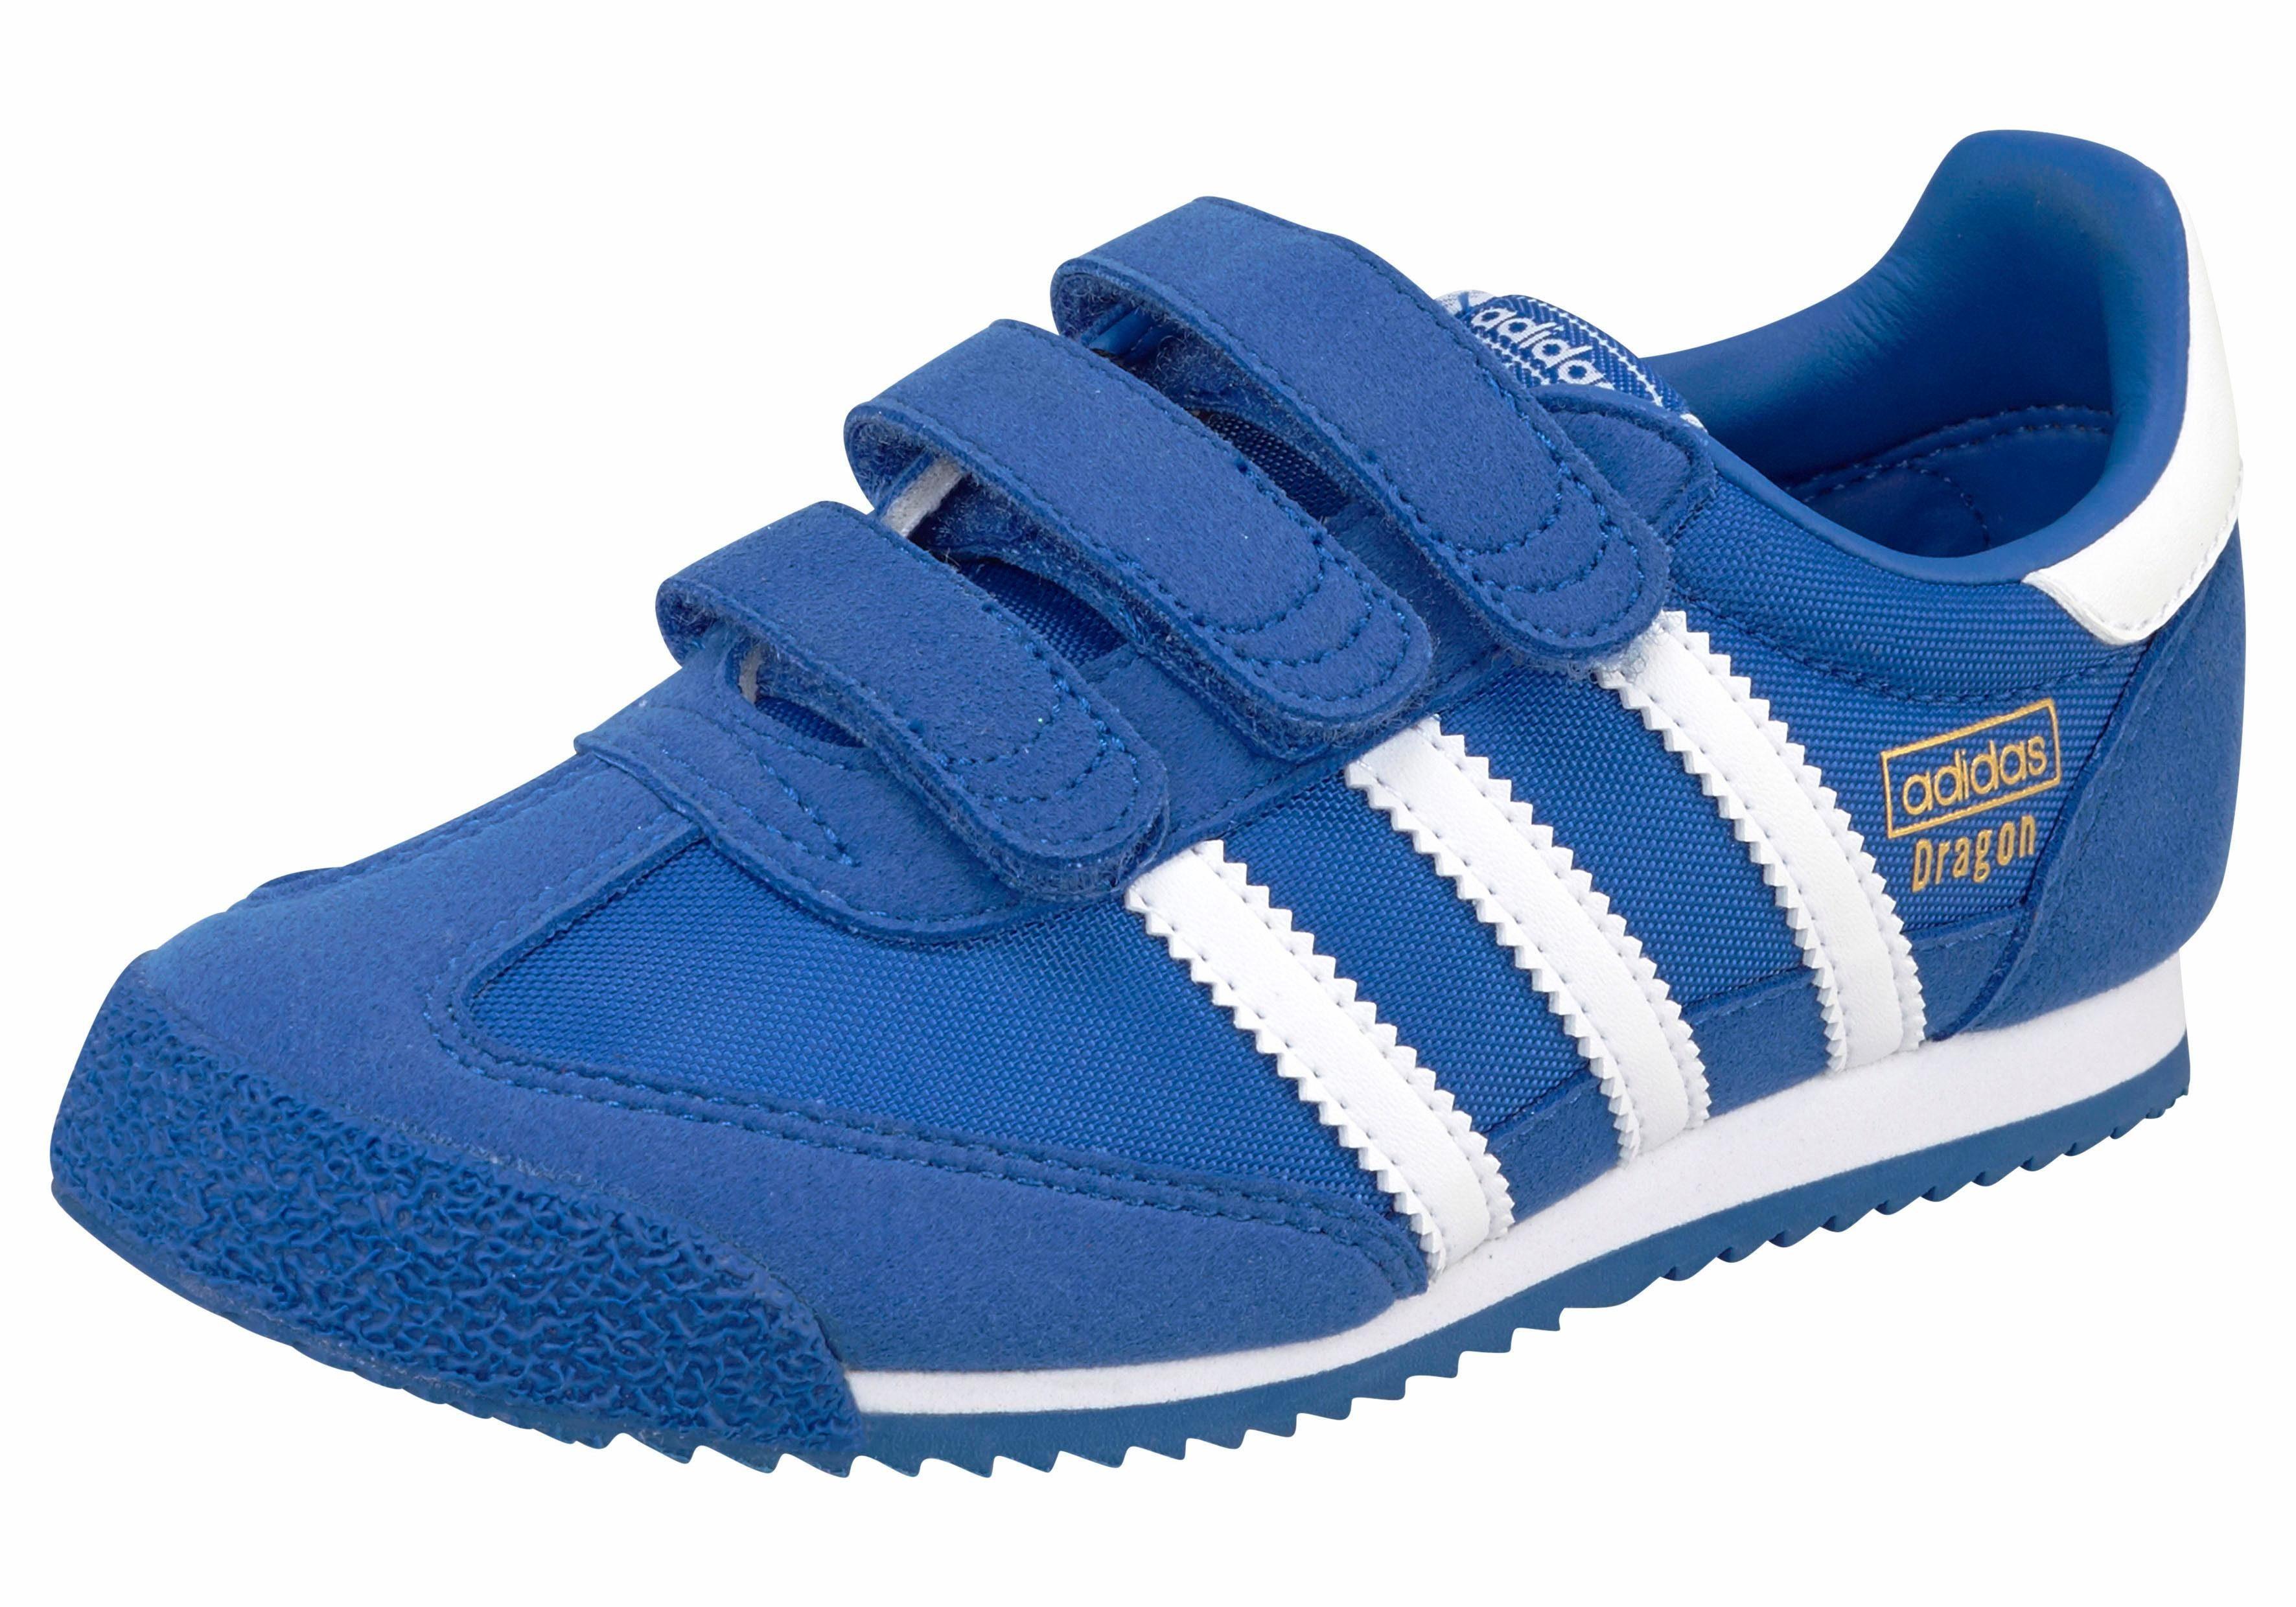 Adidas Originali Drago Og Di C Amico Teppista